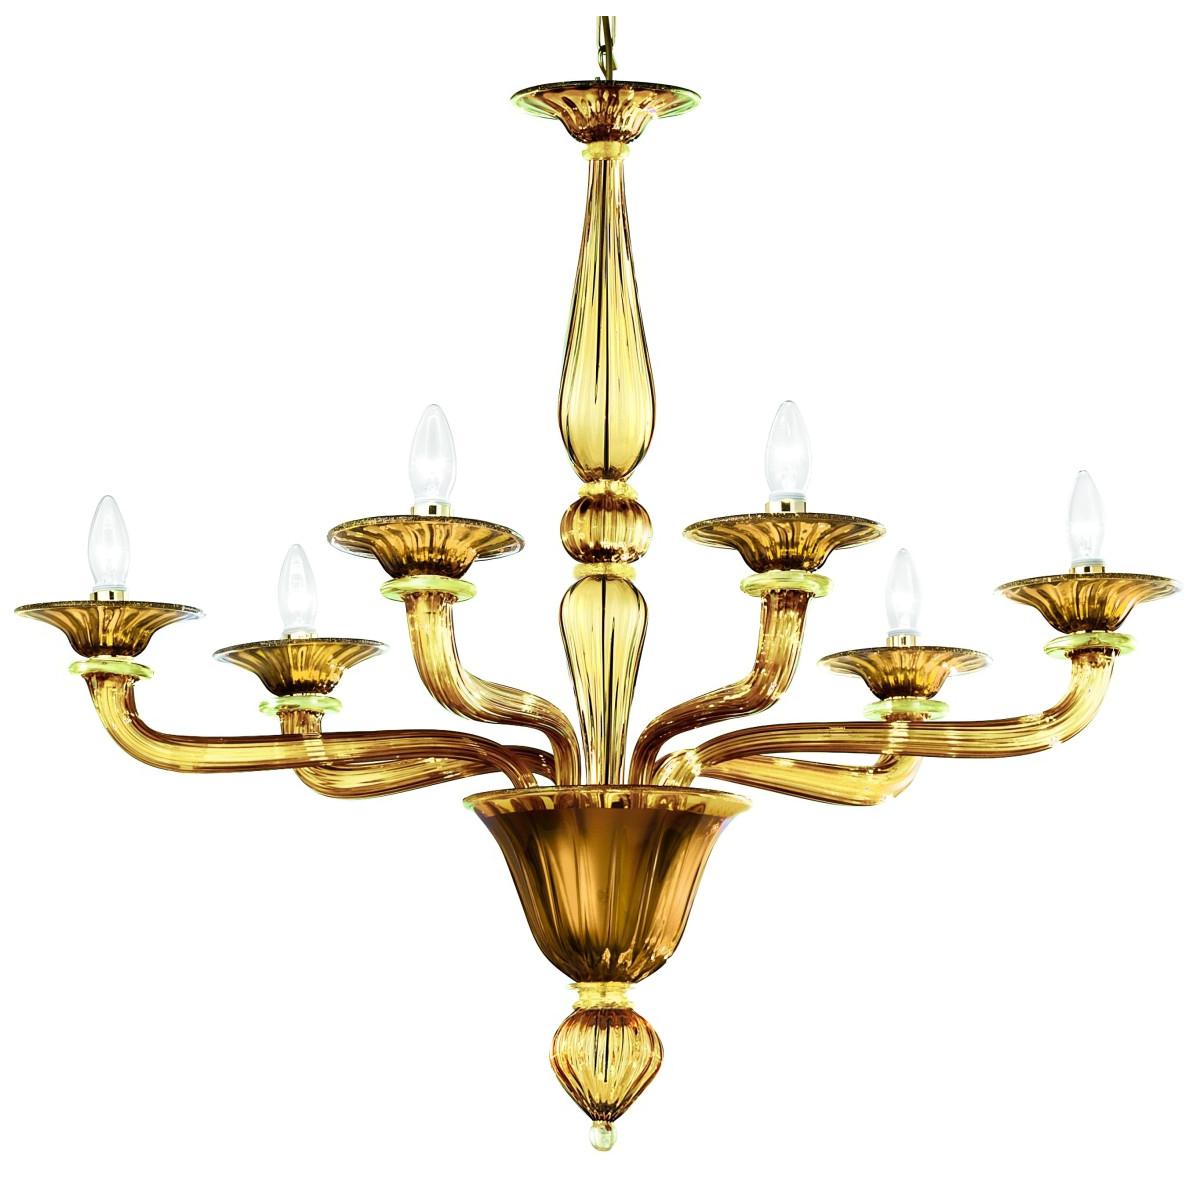 Sospiri 6 flammig Murano Kronleuchter - Bernstein Gold farbe